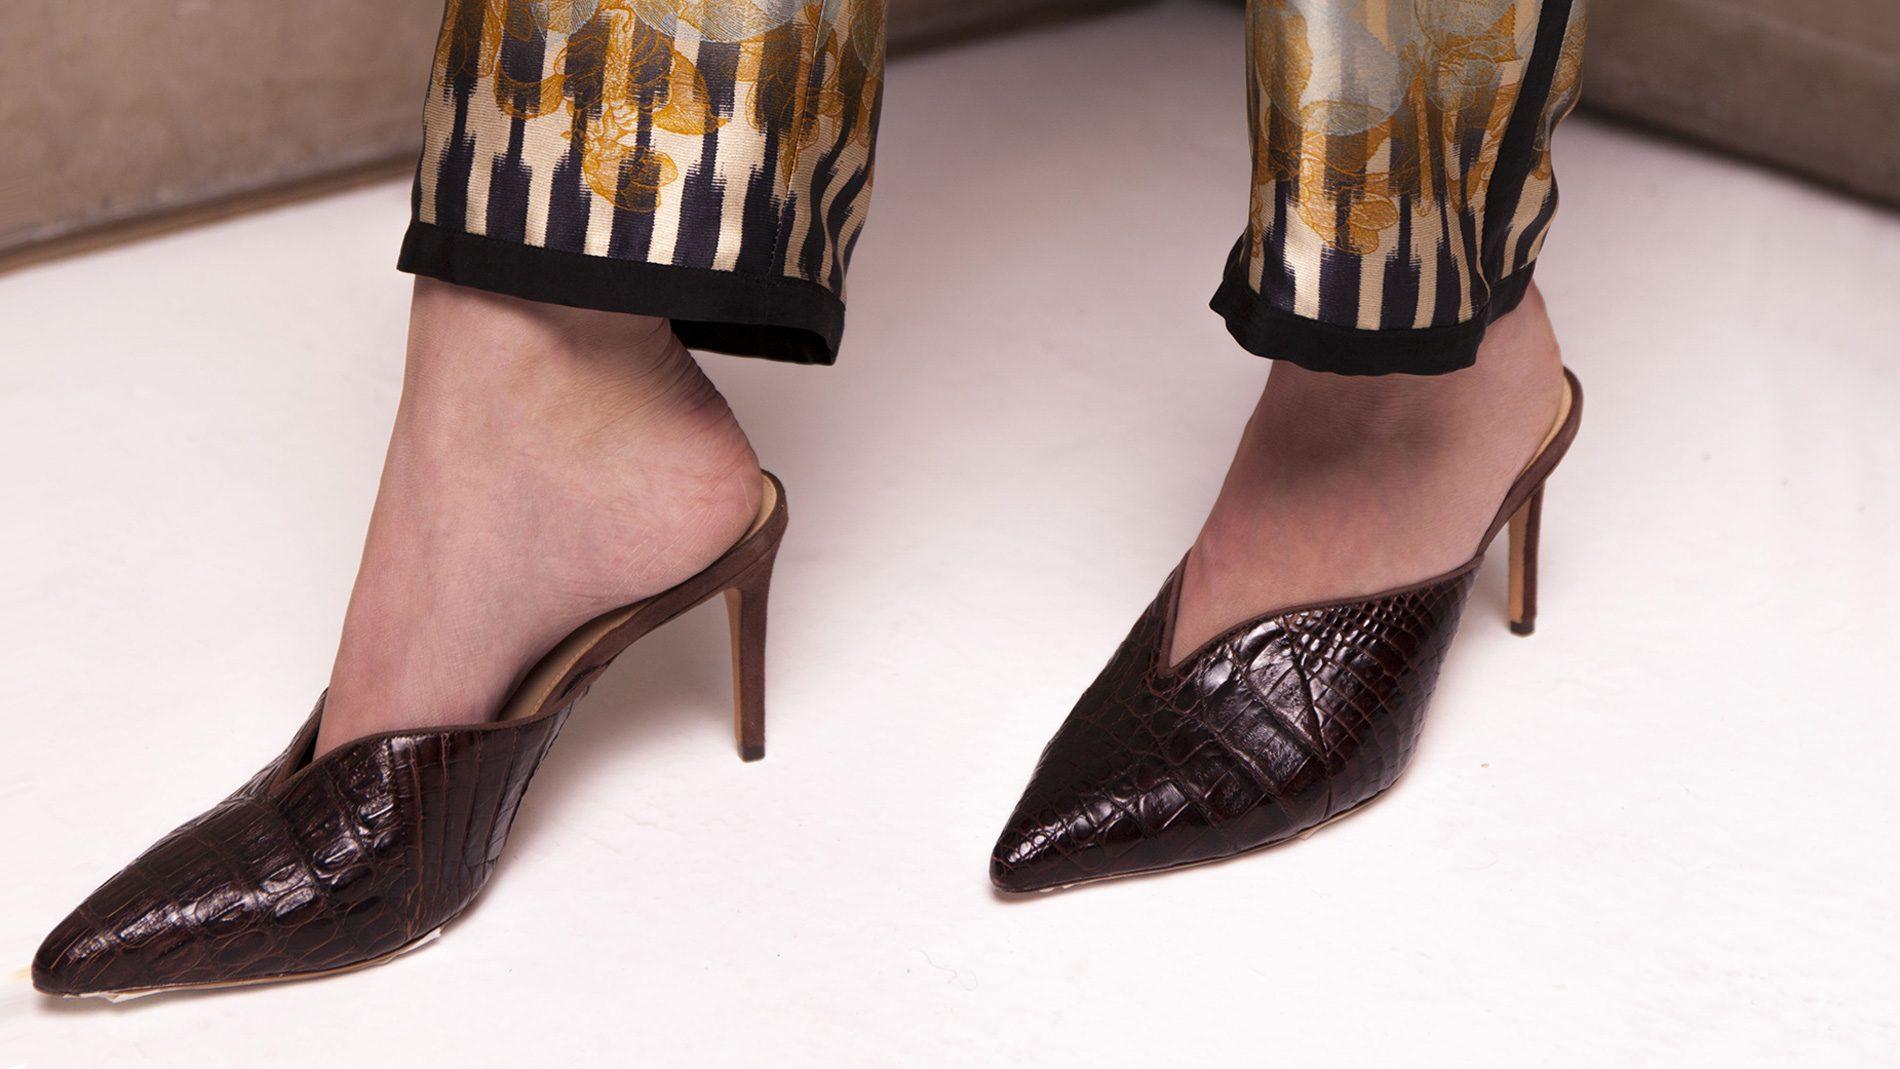 El Corte Inglés Designer Shoes Ready-To-Wear Alexandre Birman